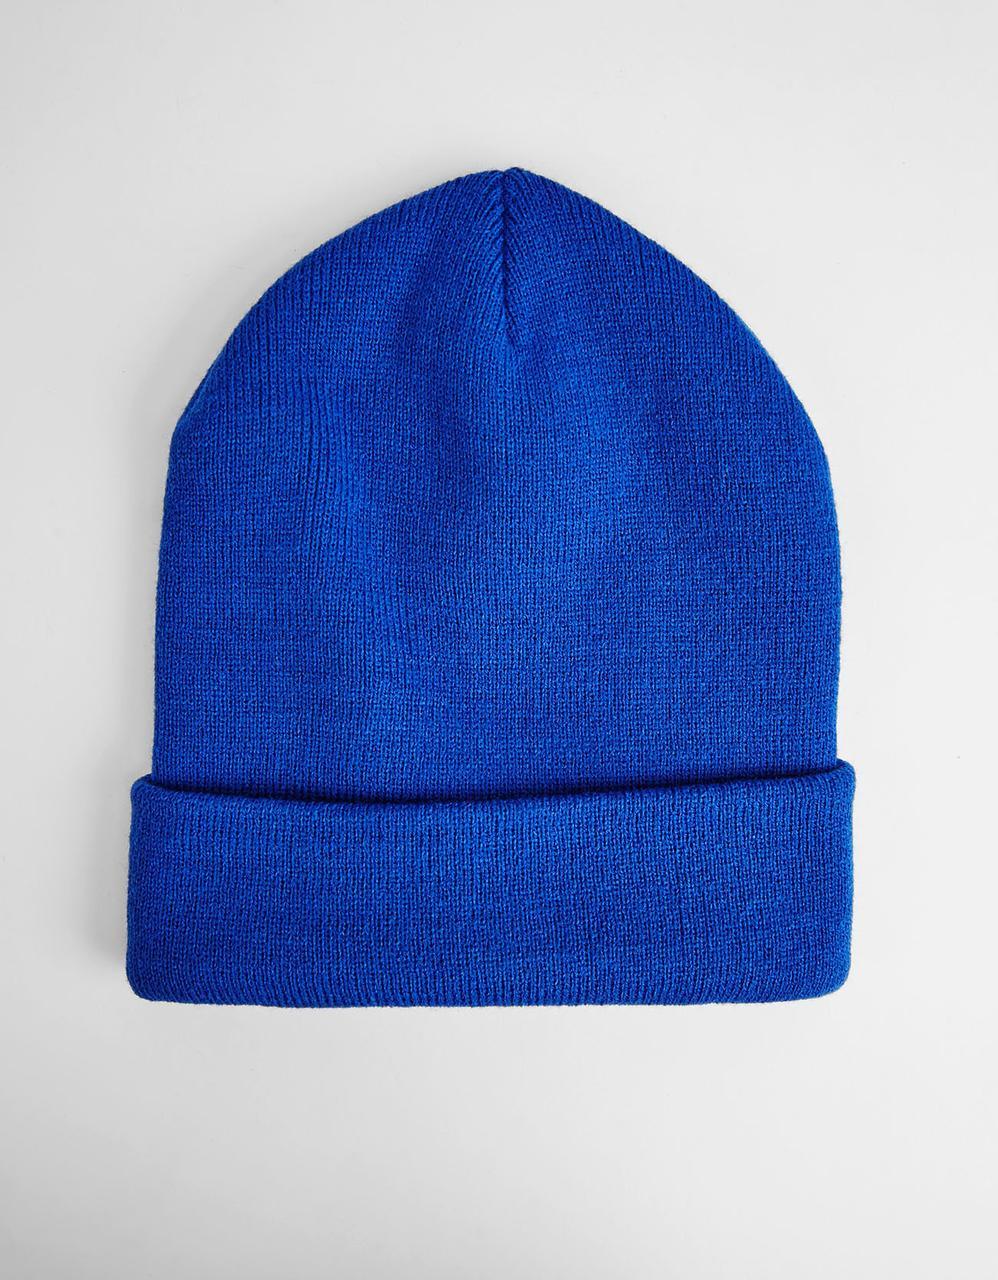 Шапка - Bershka - Classic Royal (Зимняя/Зимова шапка)